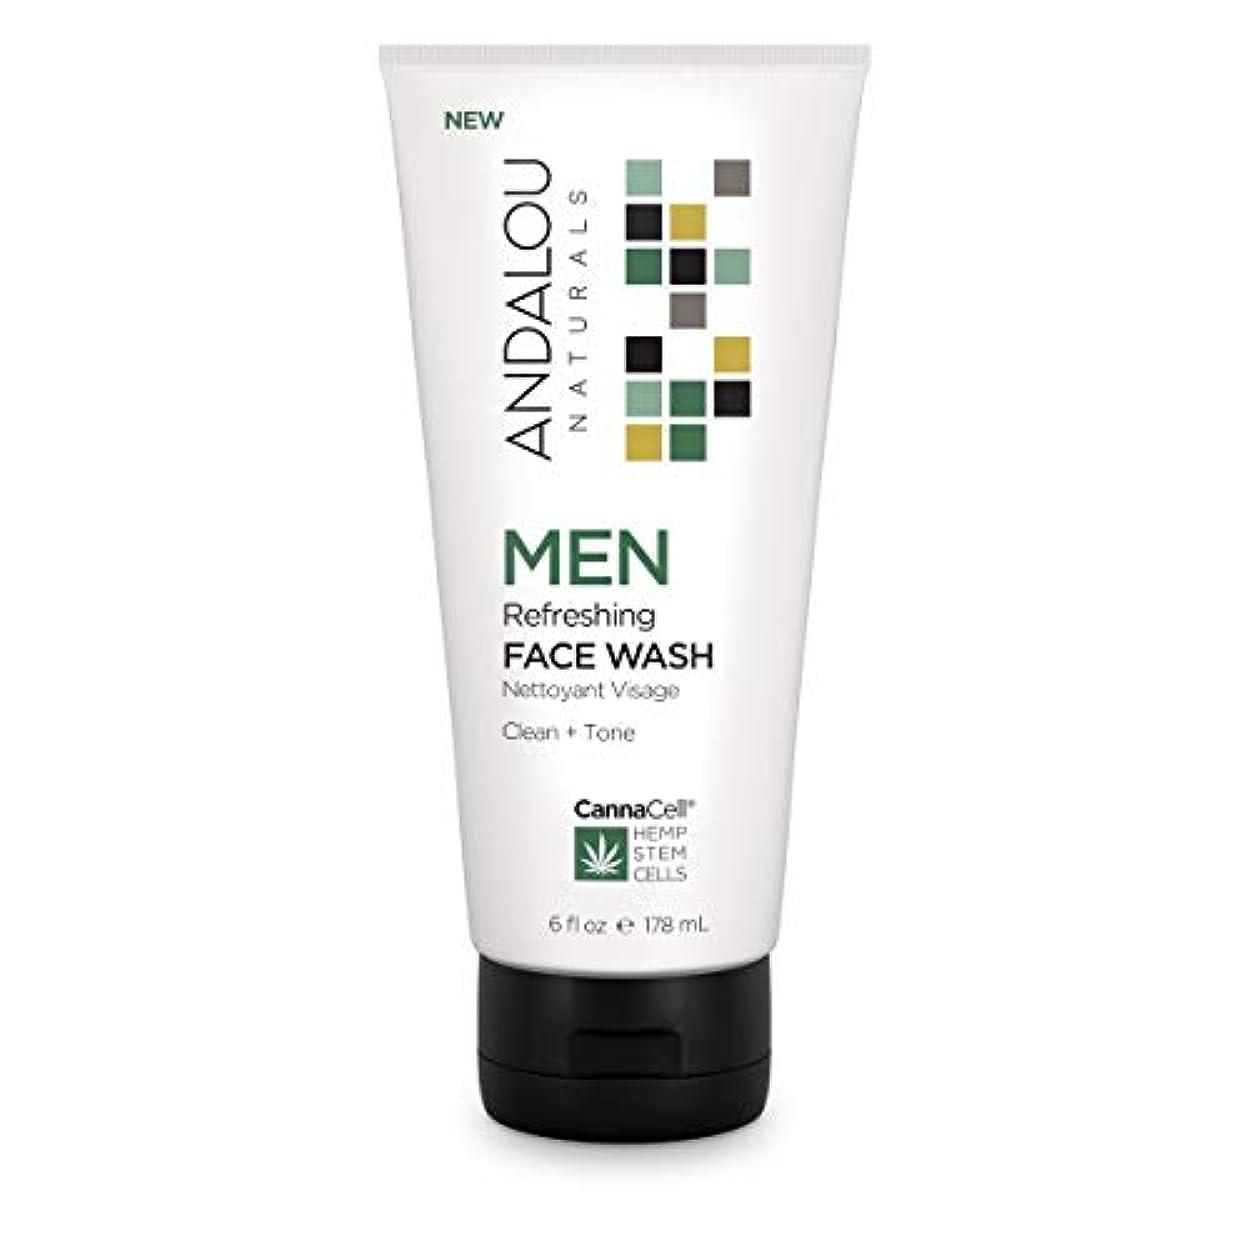 誰か動かないオッズオーガニック ボタニカル 洗顔料 洗顔フォーム ナチュラル フルーツ幹細胞 ヘンプ幹細胞 「 MEN リフレッシングフェイスウォッシュ 」 ANDALOU naturals アンダルー ナチュラルズ